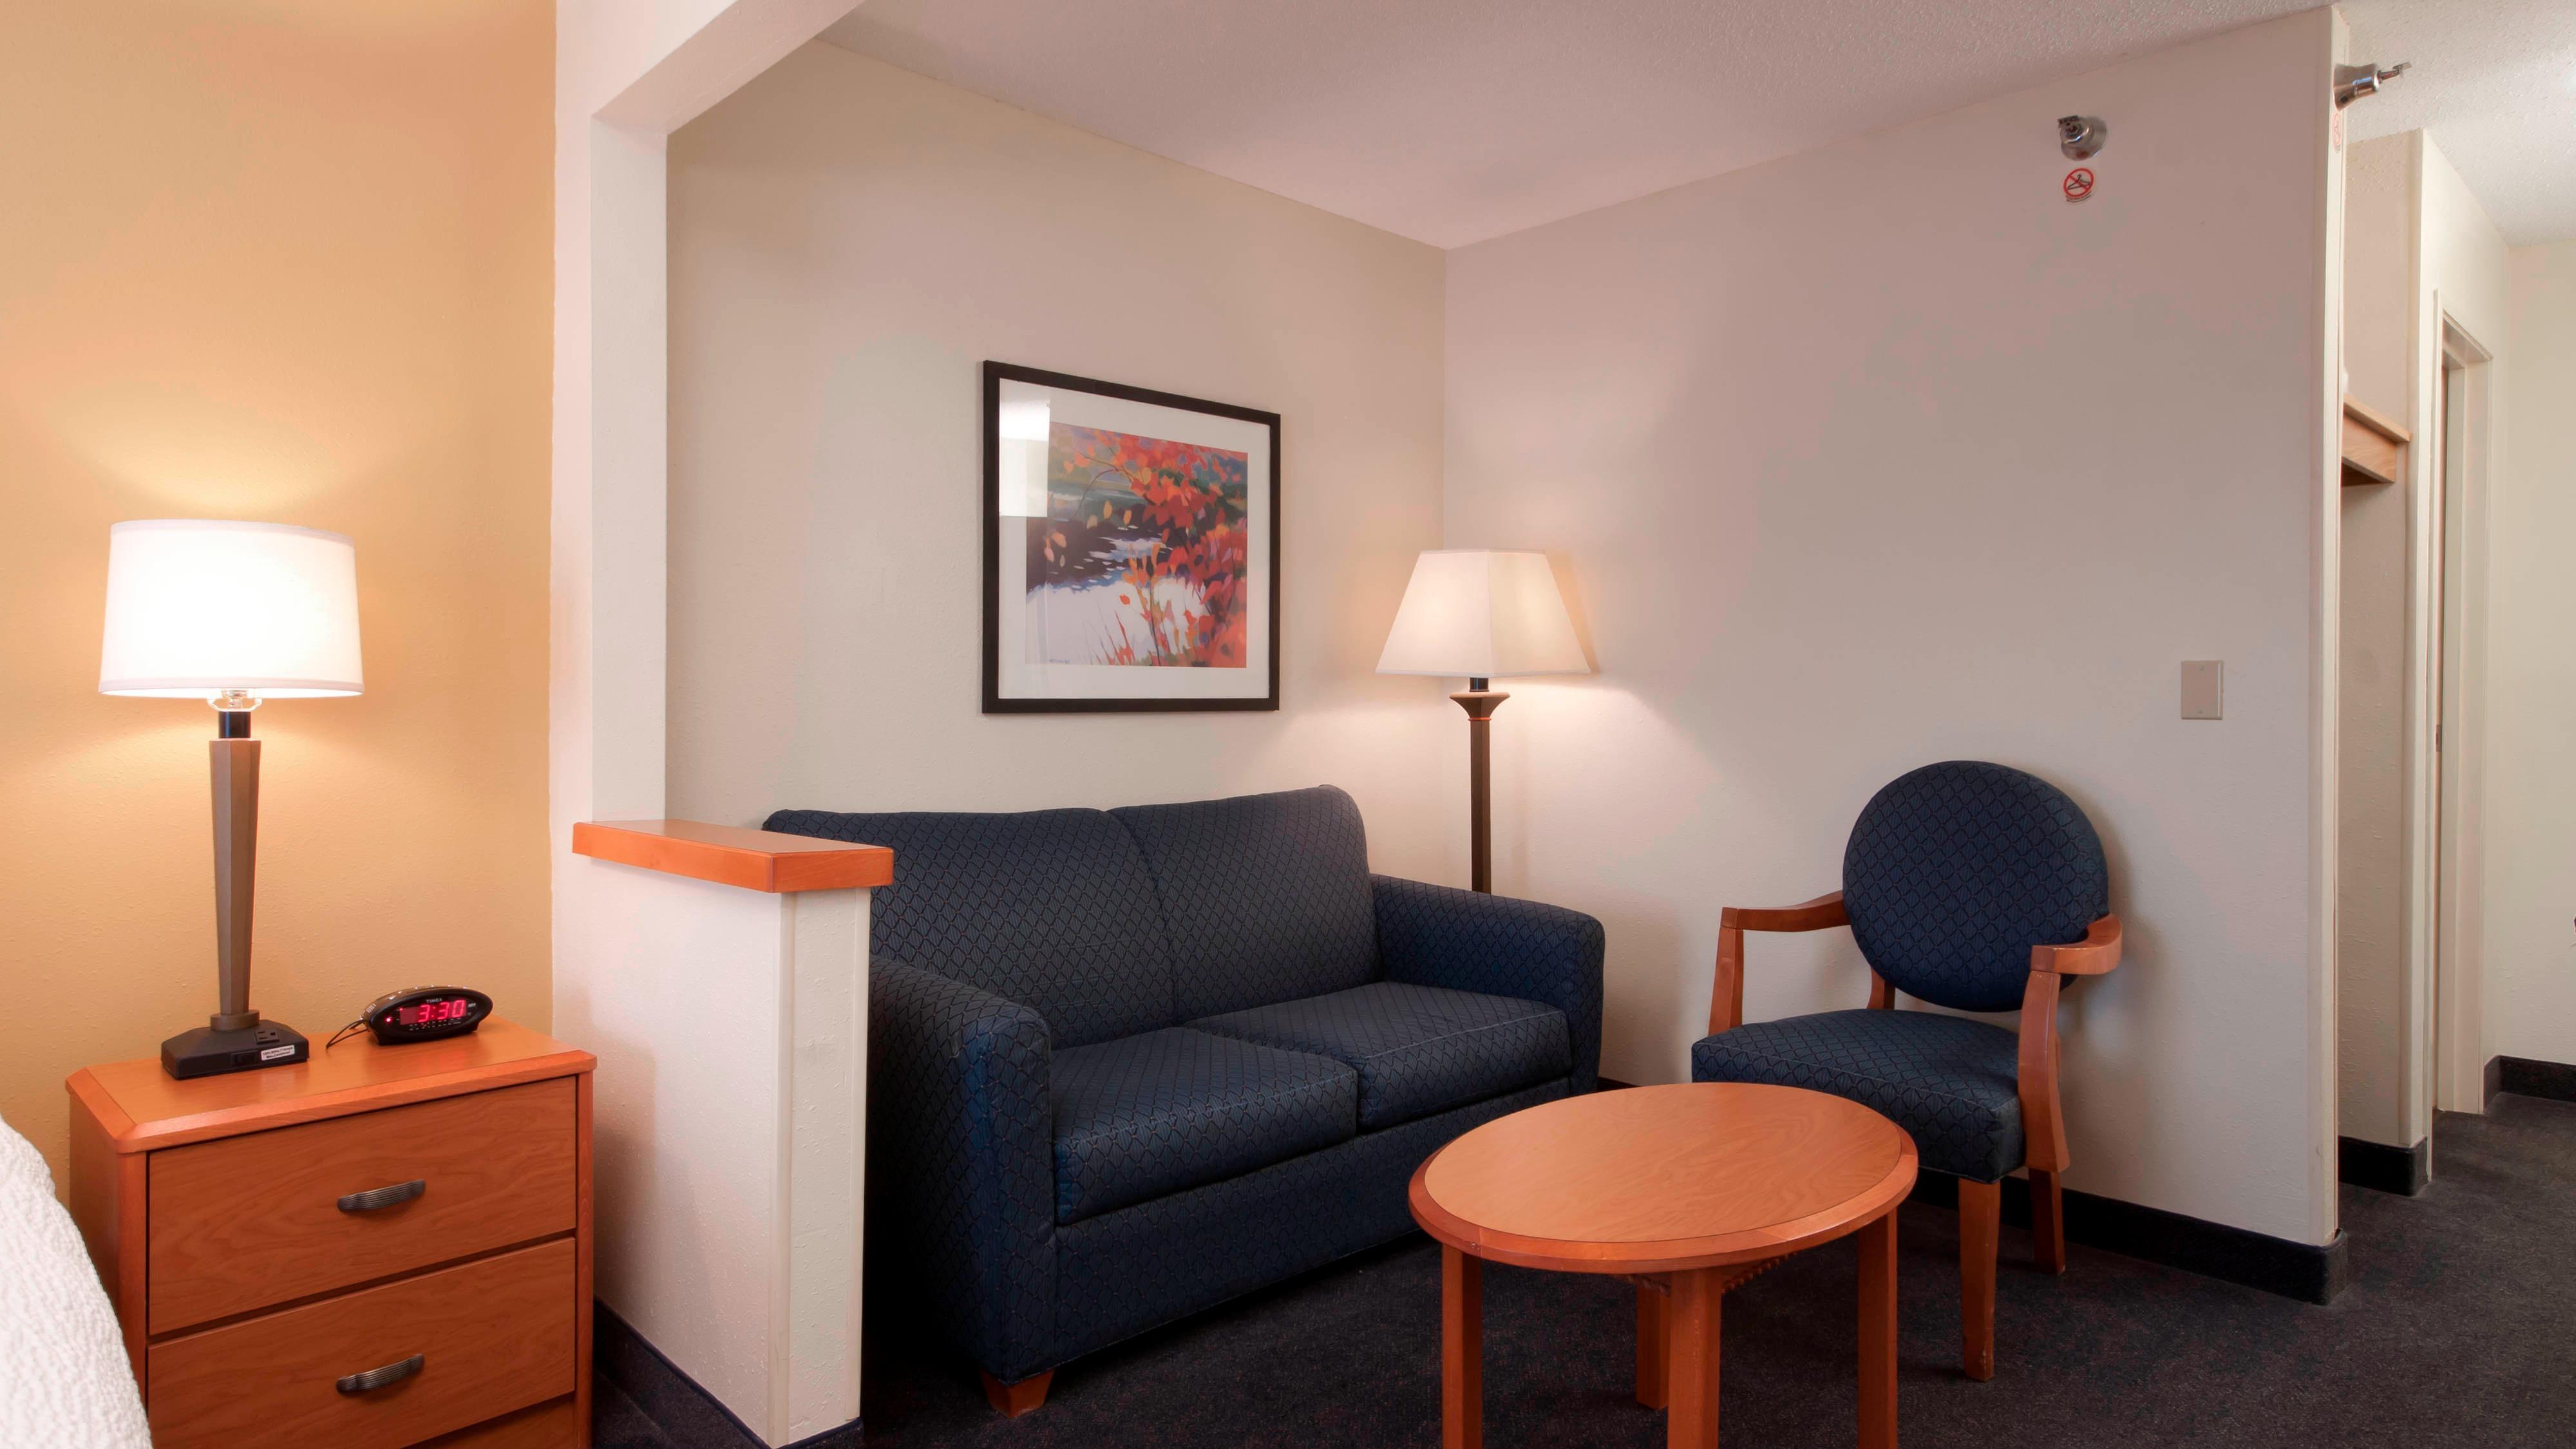 Joliet Illinois Hotel Executive King